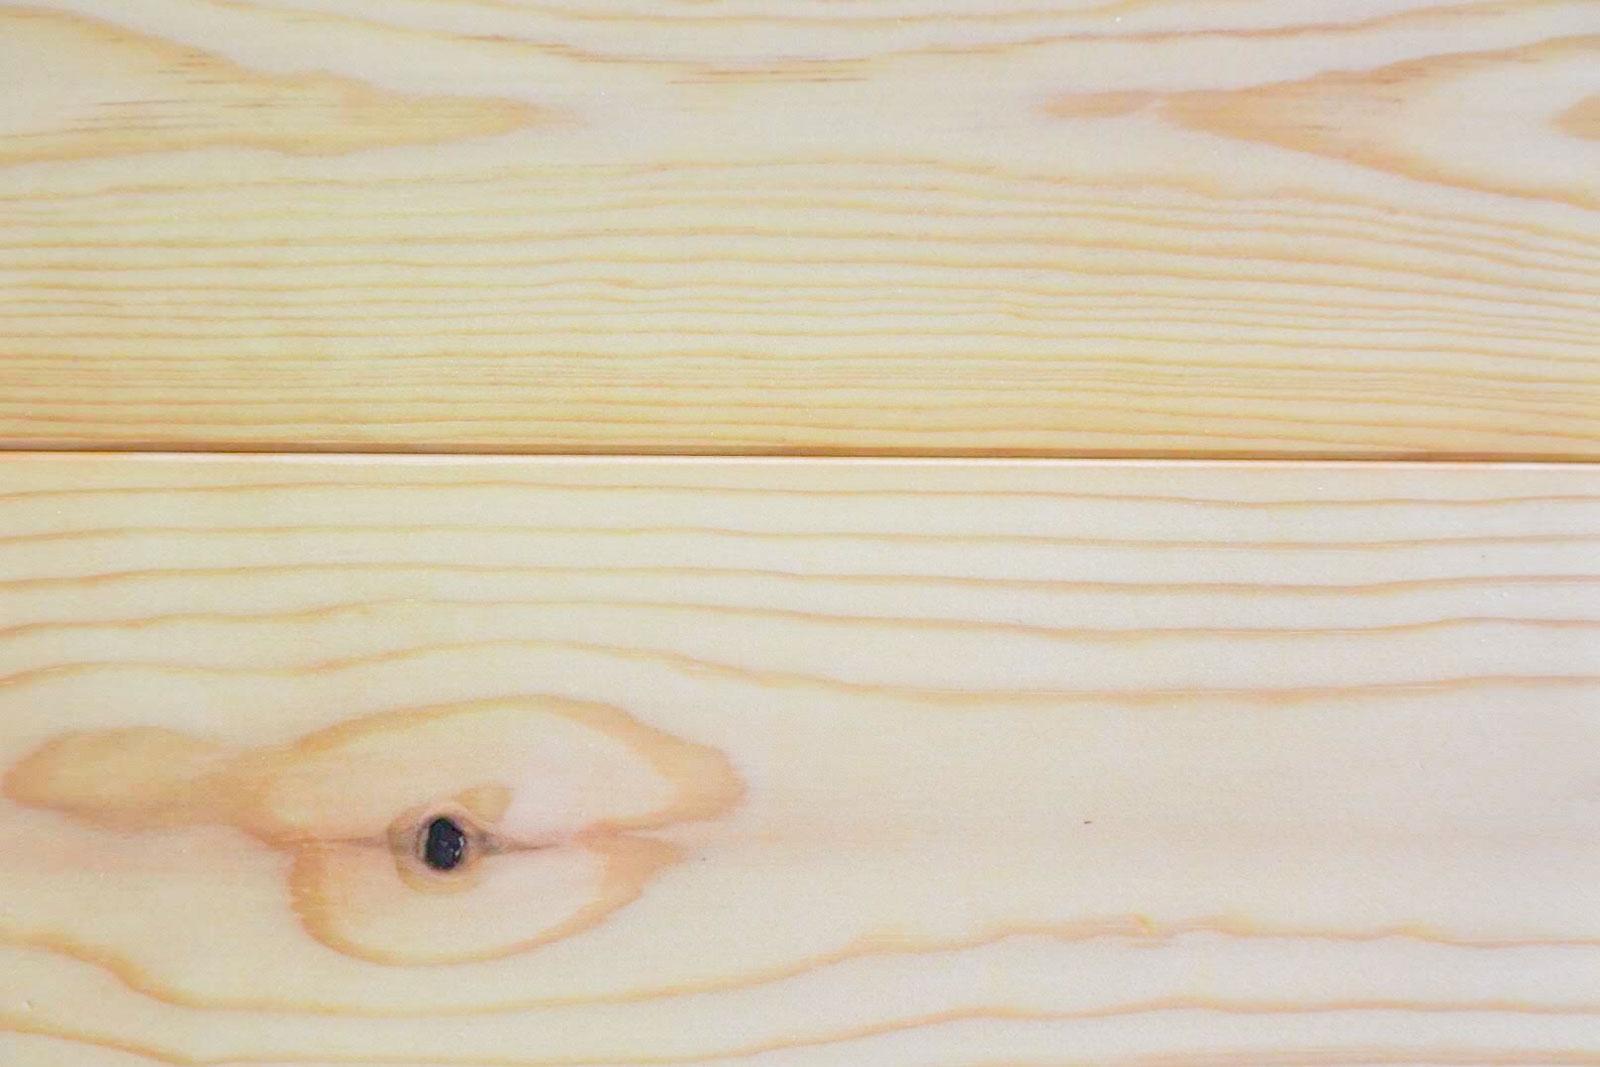 17-012 みすず松フローリング(M401)1束(6枚入り)  株式会社第三木材(長野県東御市)